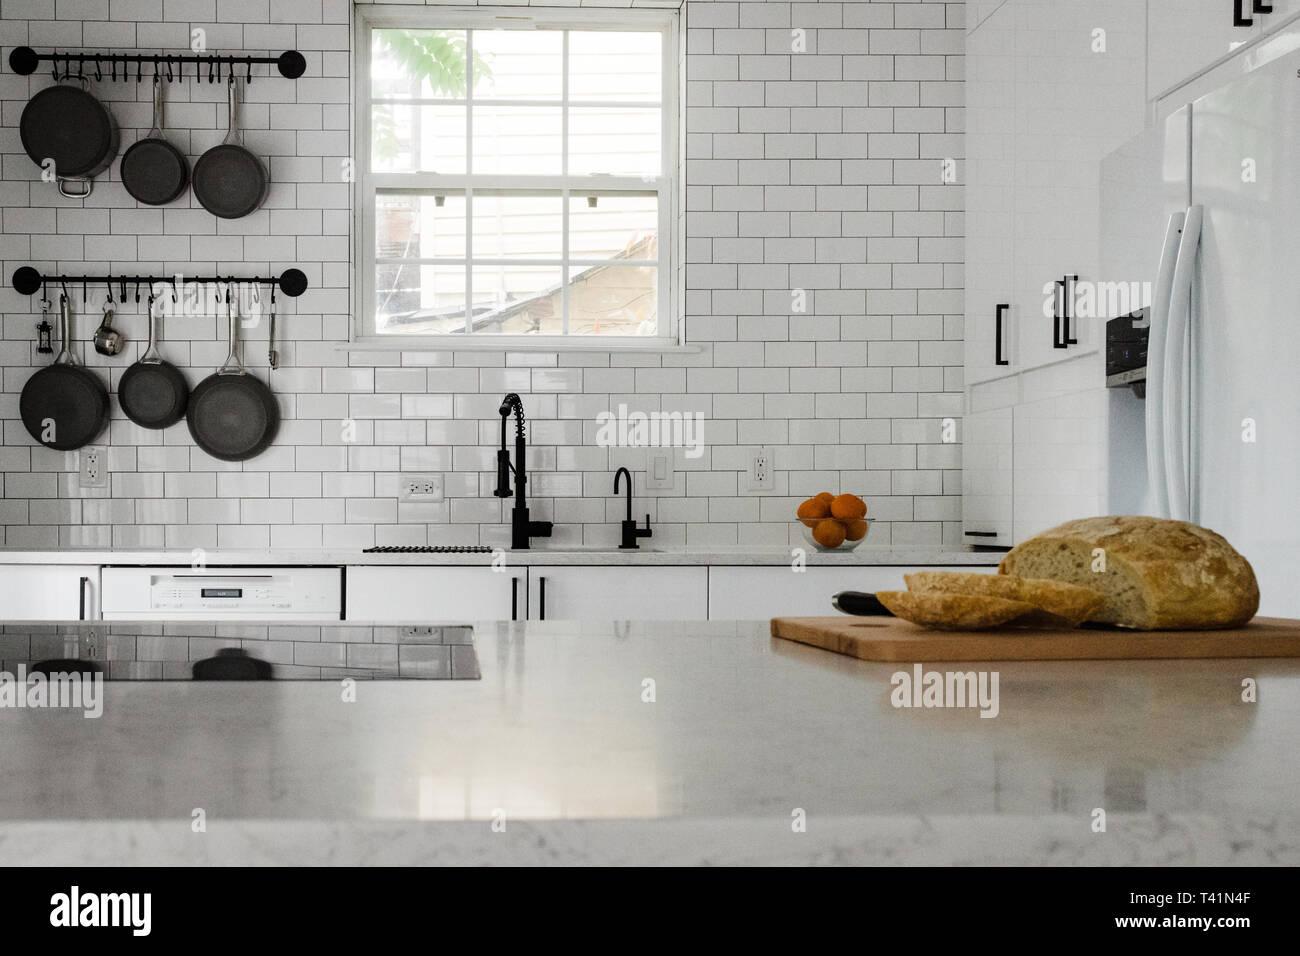 White subway tile kitchen with black pans Stock Photo